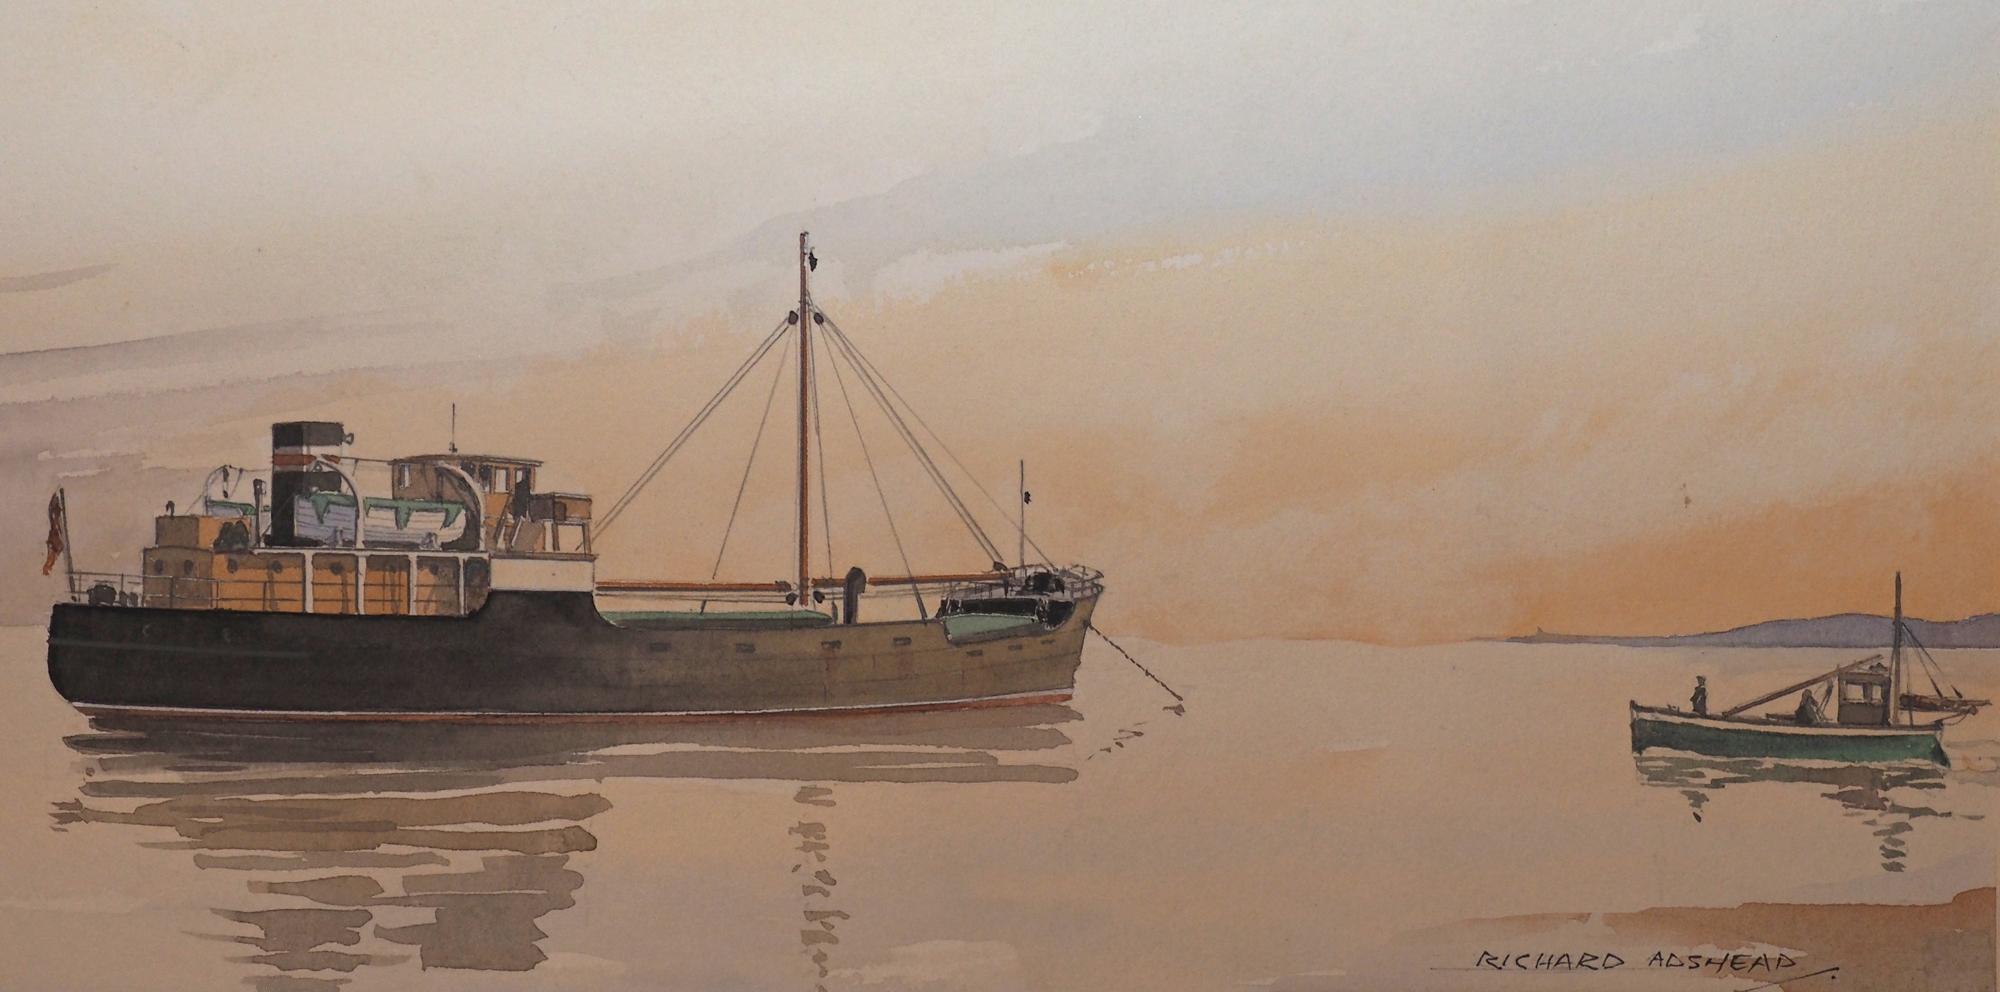 MV Ferryhill